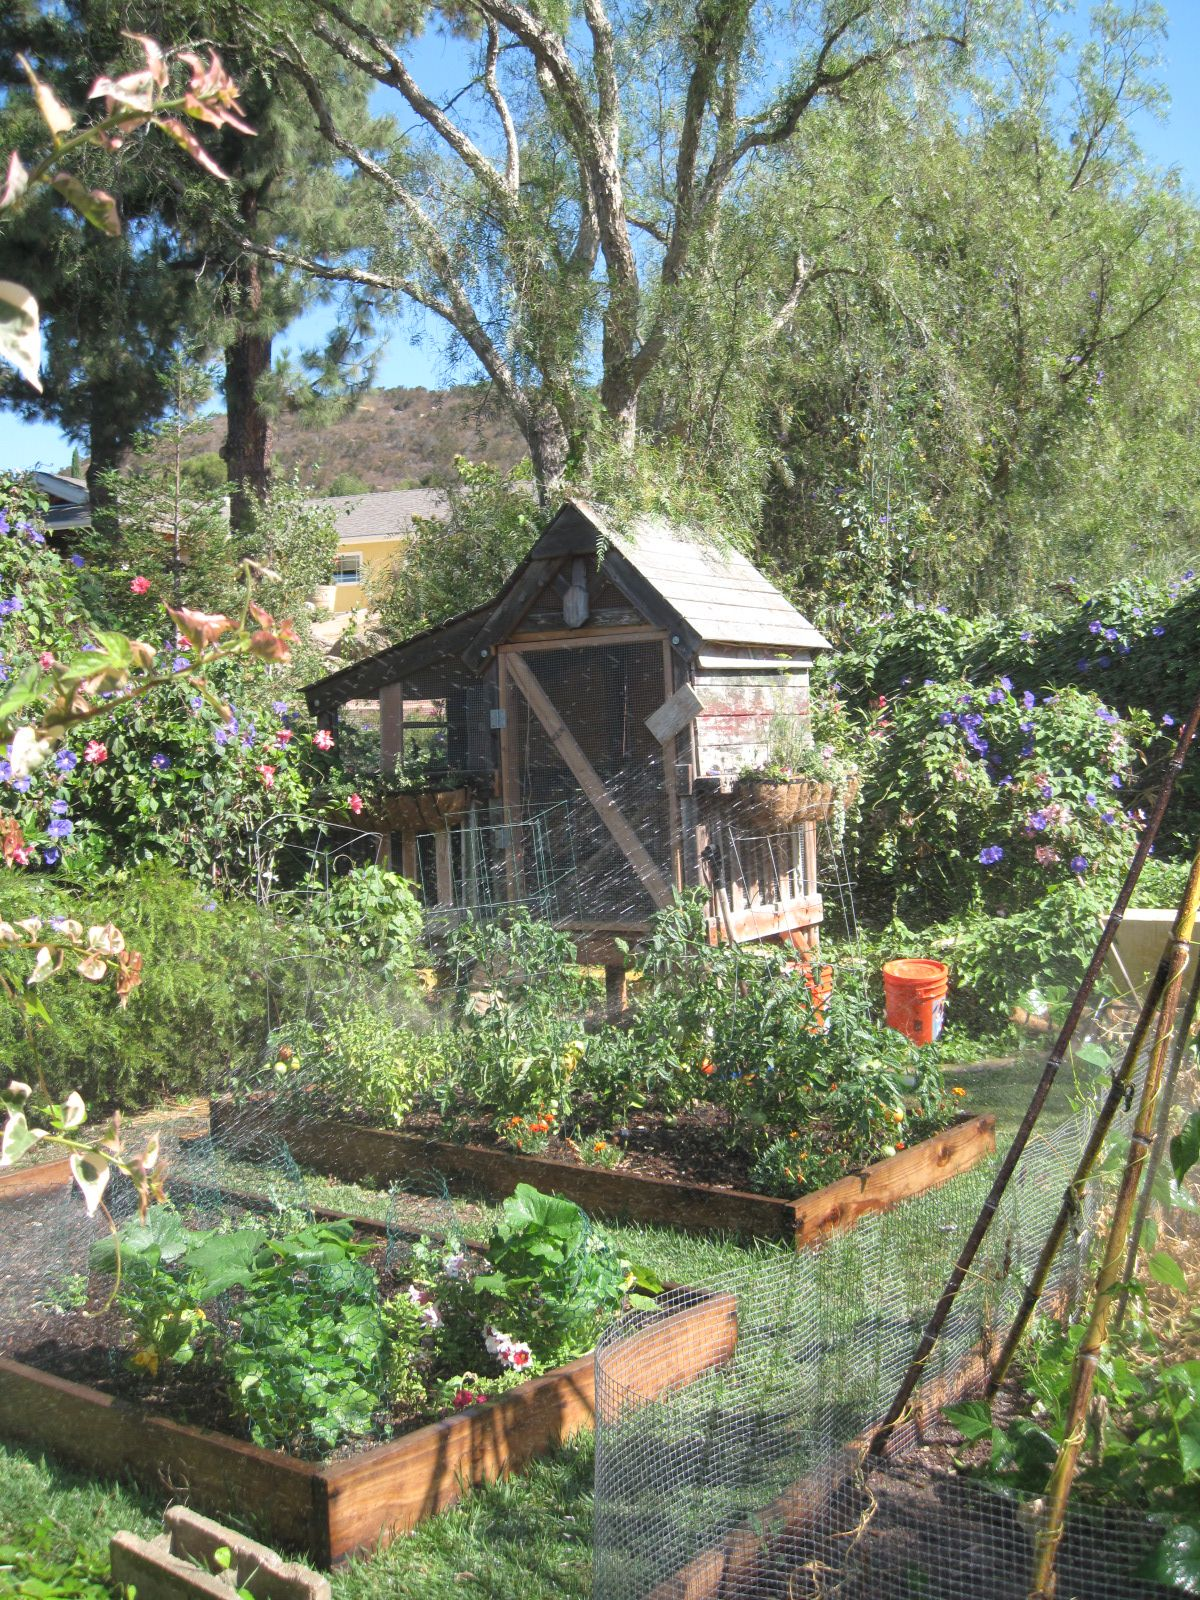 Kitchen Garden Hens French Knots Chicken Coop Potager Gardening Green Thumbs